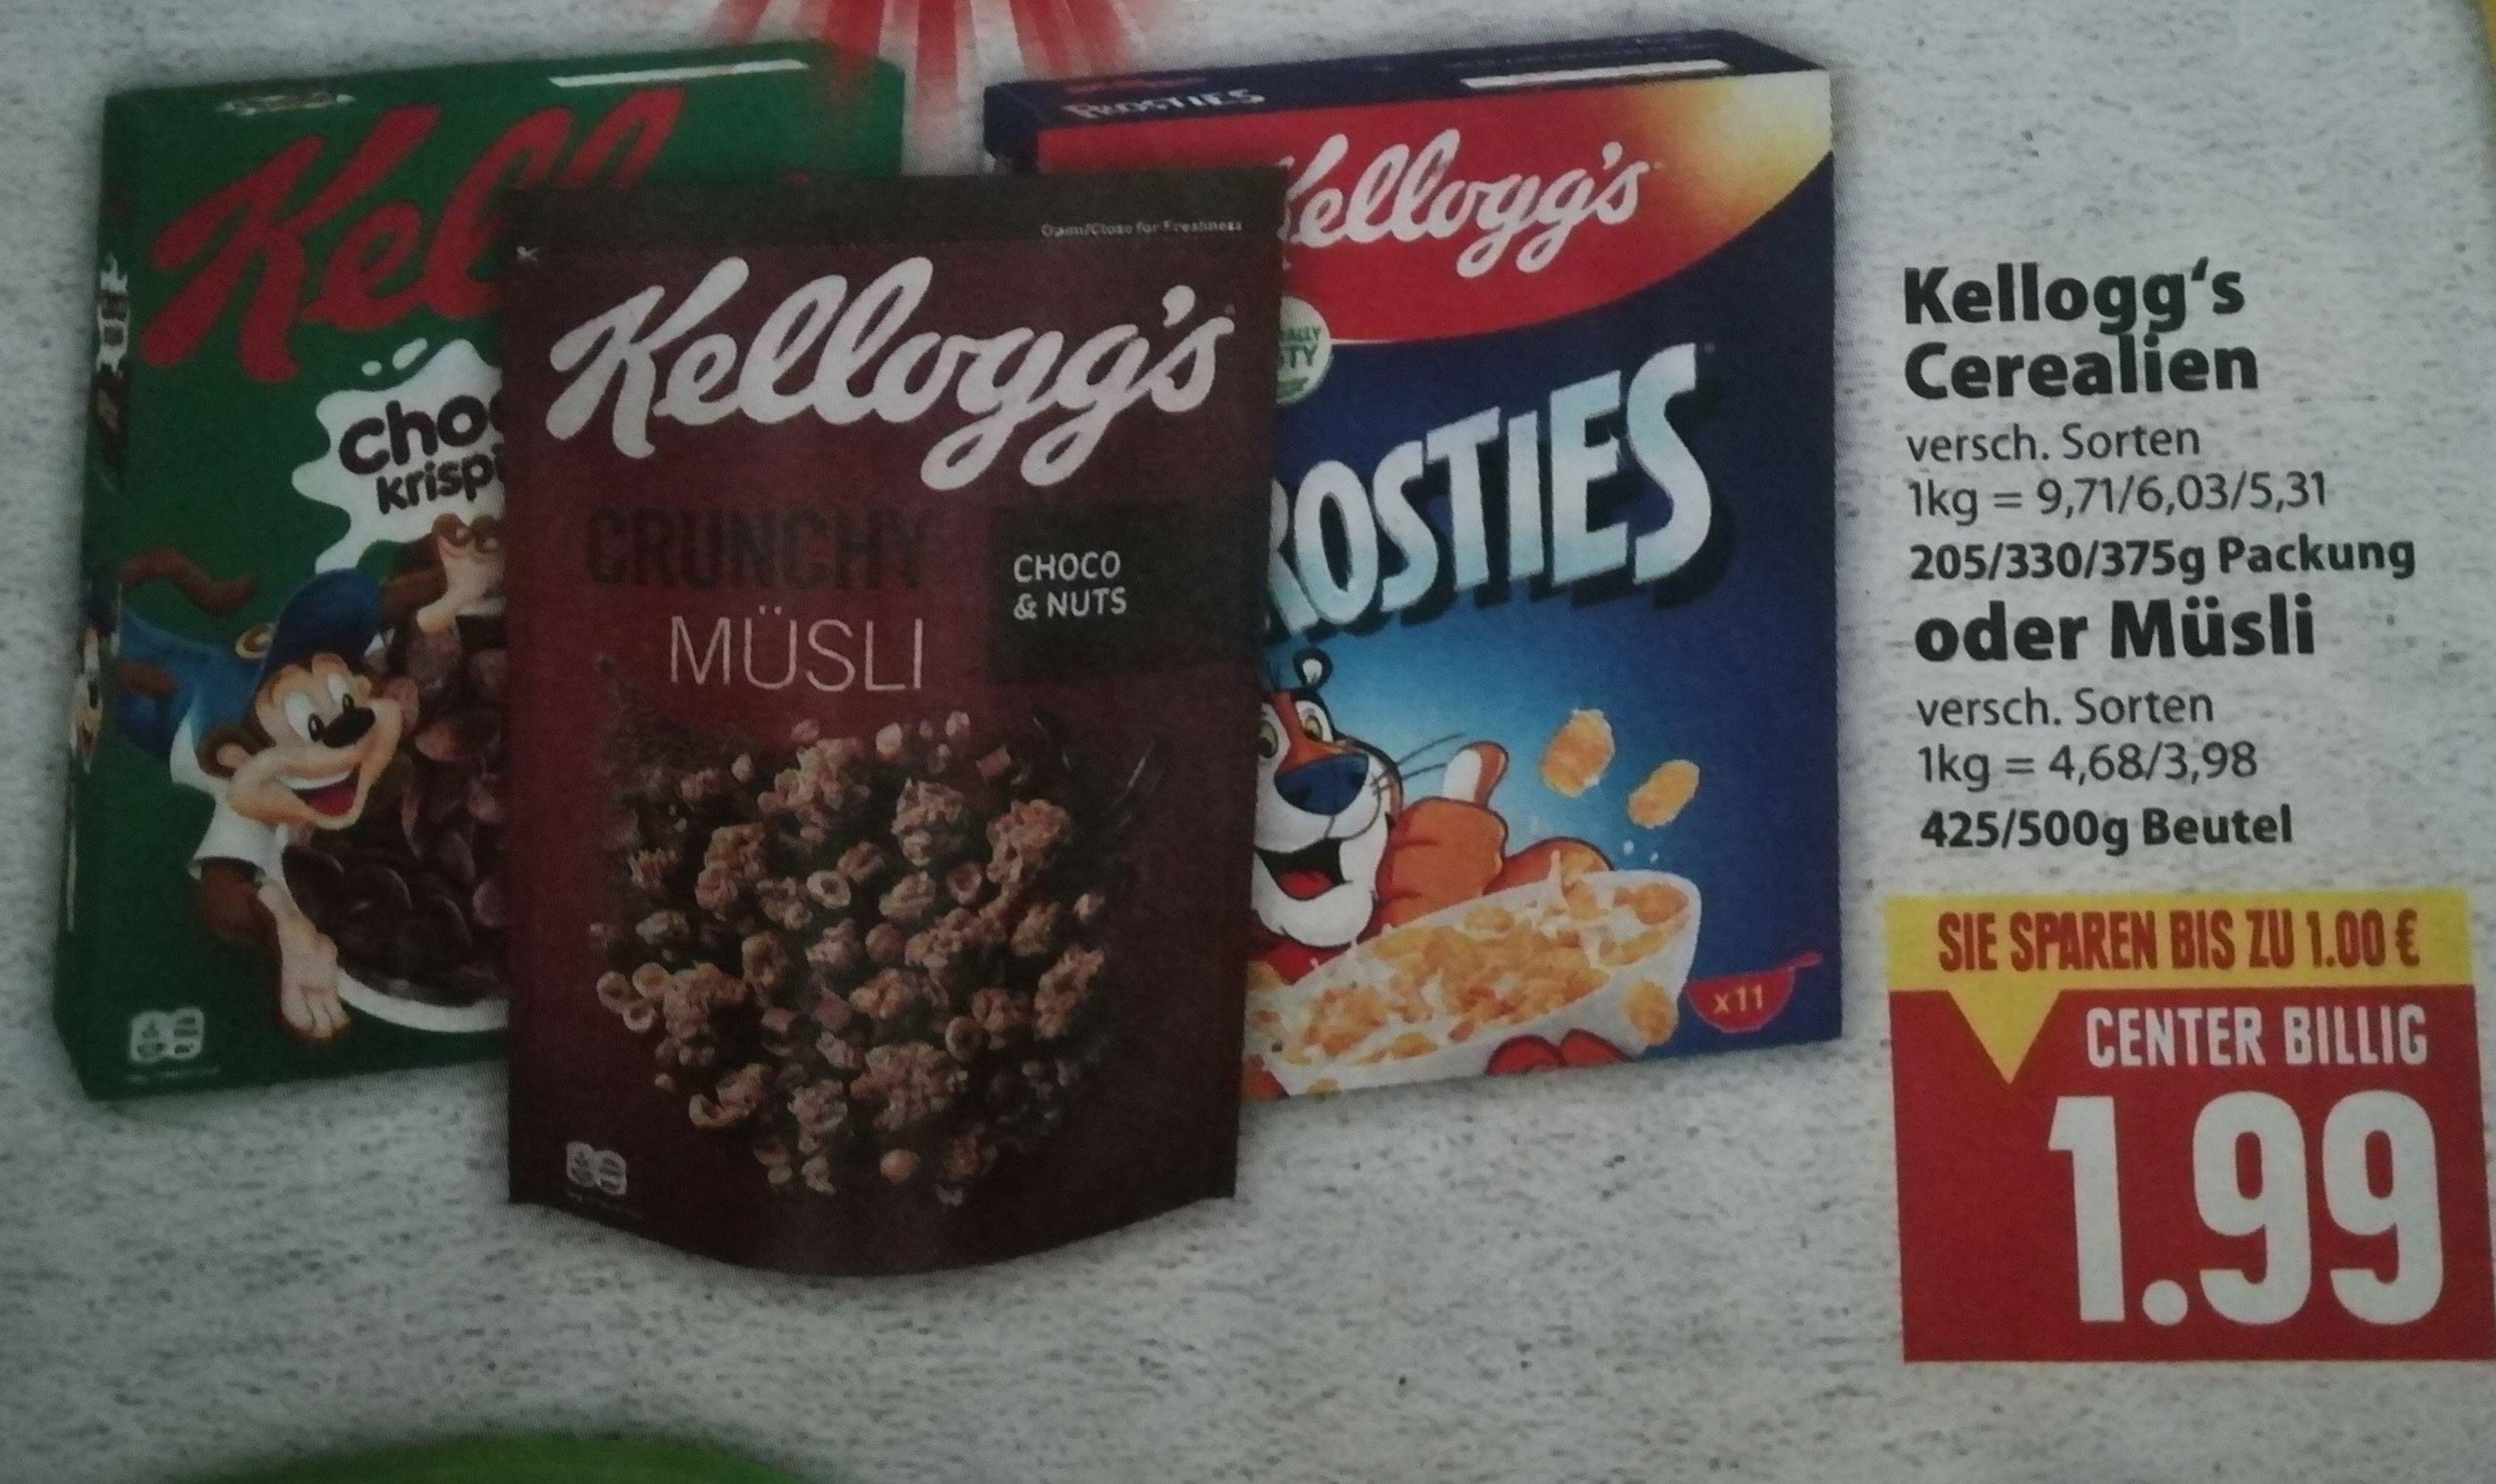 [Edeka Center Minden-Hannover] Kelloggs Choco Krispies für 0,99€ oder 2x Kelloggs mit Coupies Cashback effektiv für 1,48€